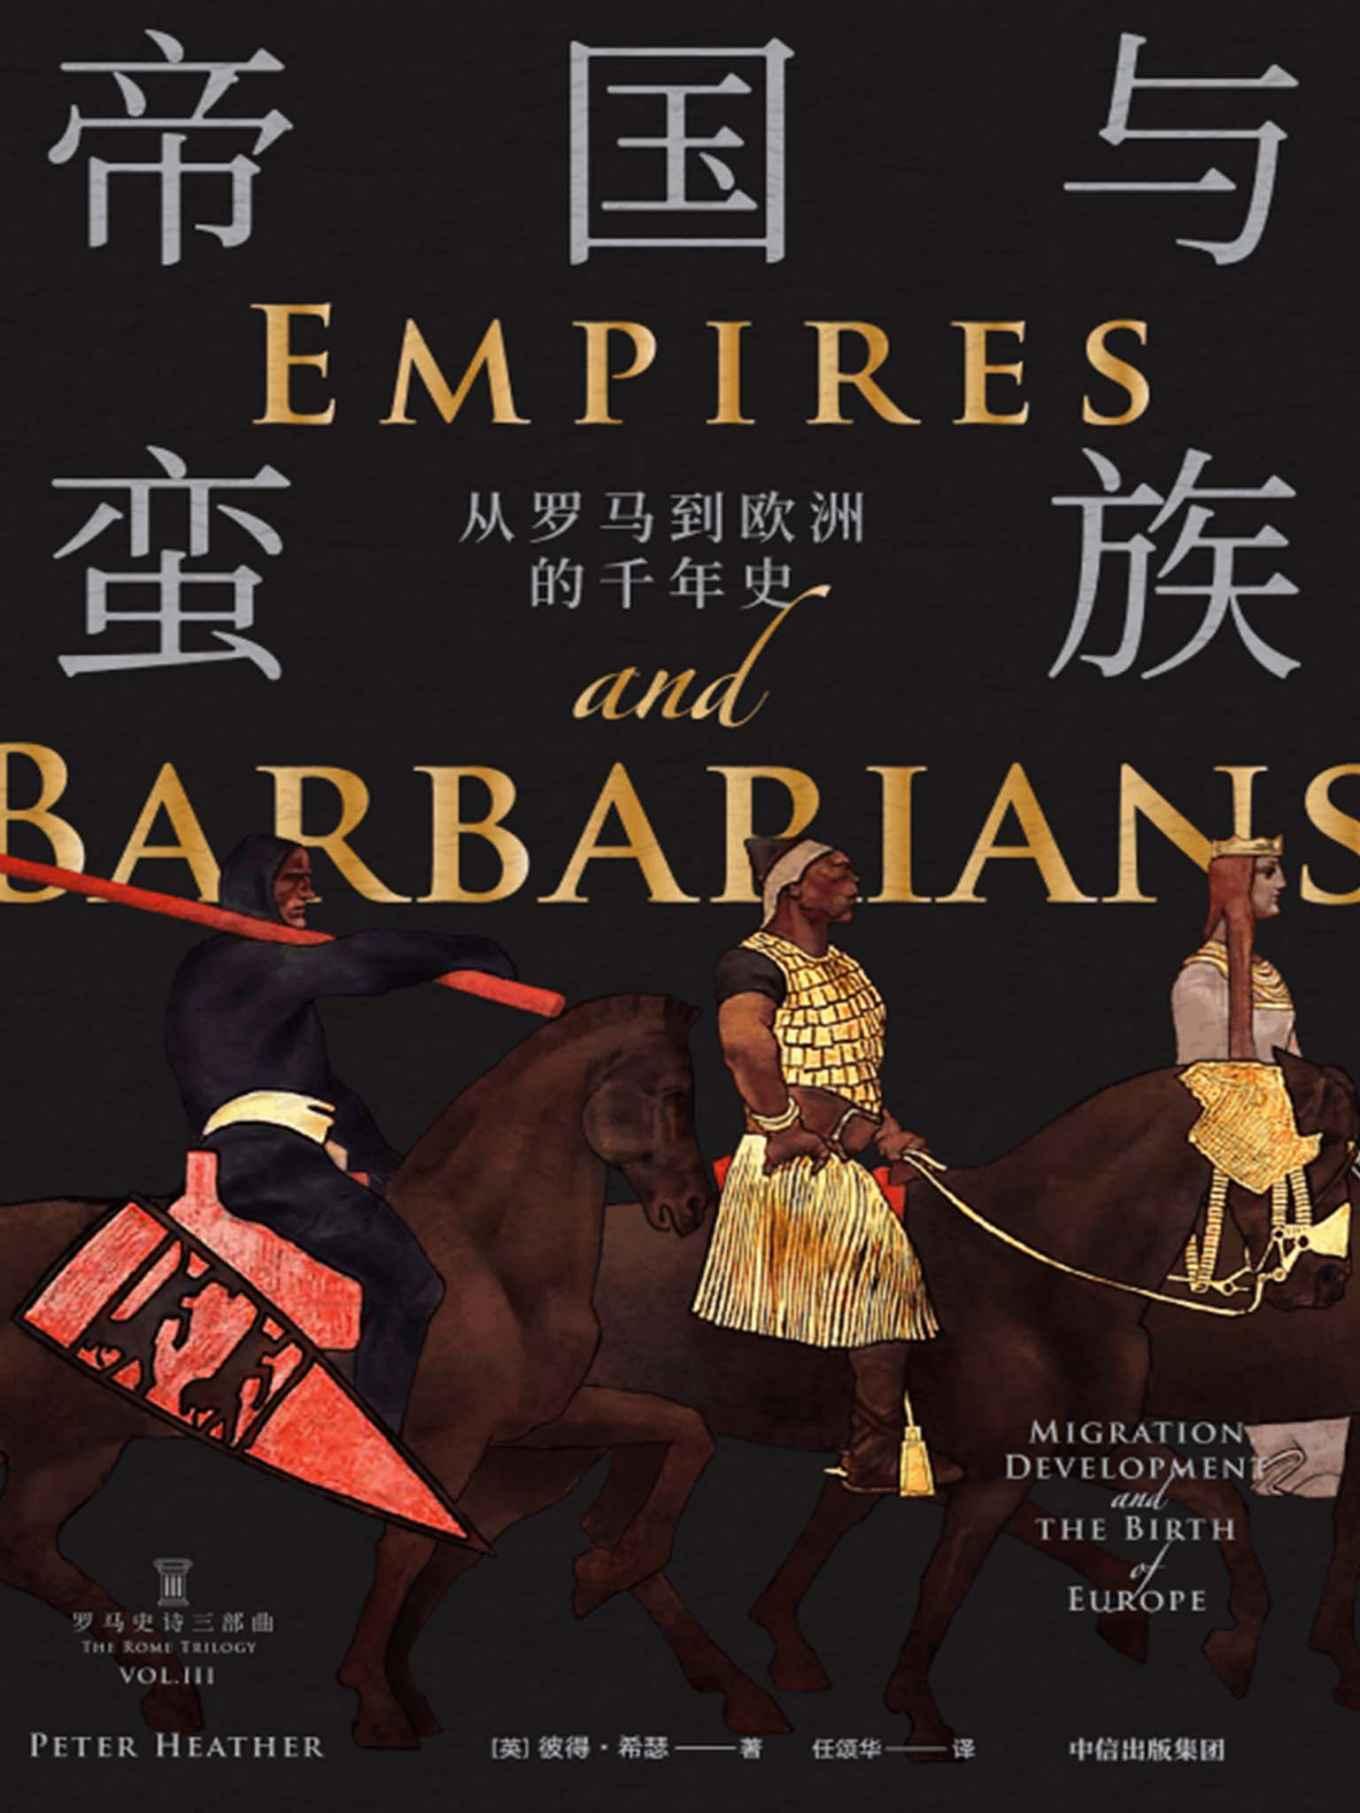 帝国与蛮族:从罗马到欧洲的千年史—彼得·希瑟—pdf+mobi+epub+txt+azw3电子书下载